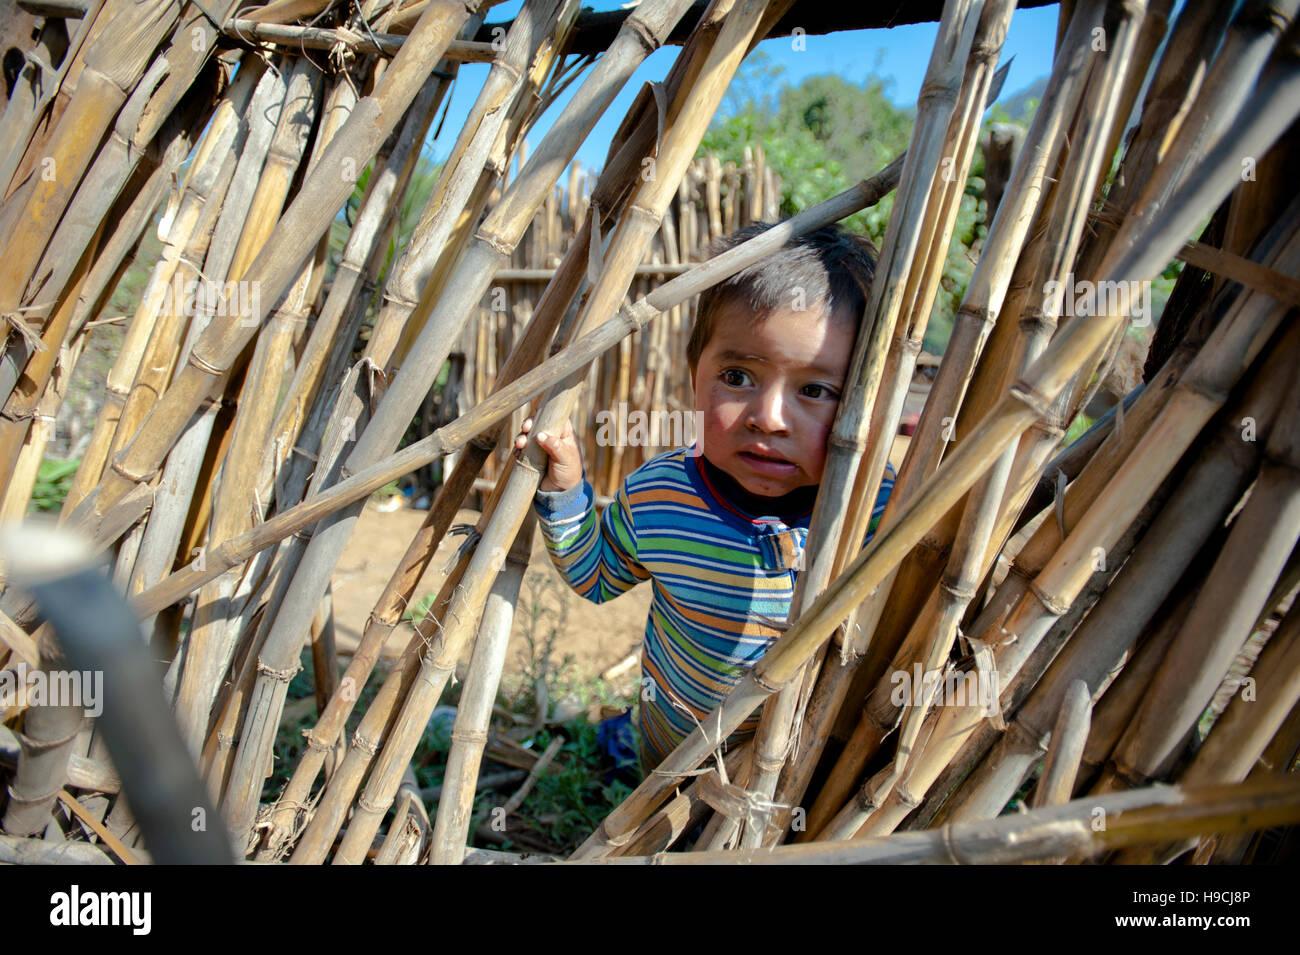 Niño indígena maya en casa en mano de Leon, pequeña aldea remota fuera Antigua, Sacatepequez, Guatemala. Imagen De Stock